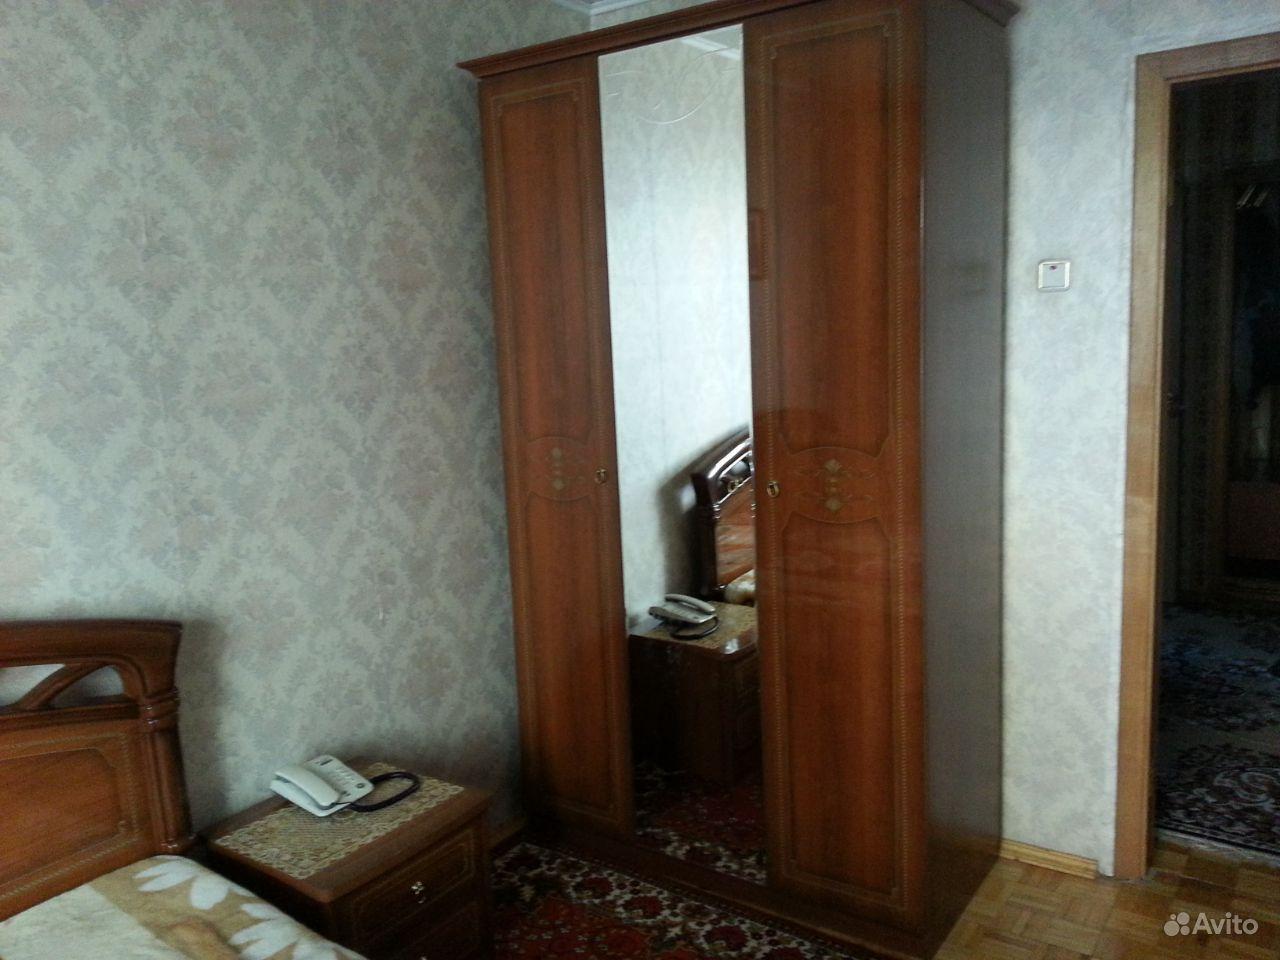 Диваны Для Спальни В Московкой Обл